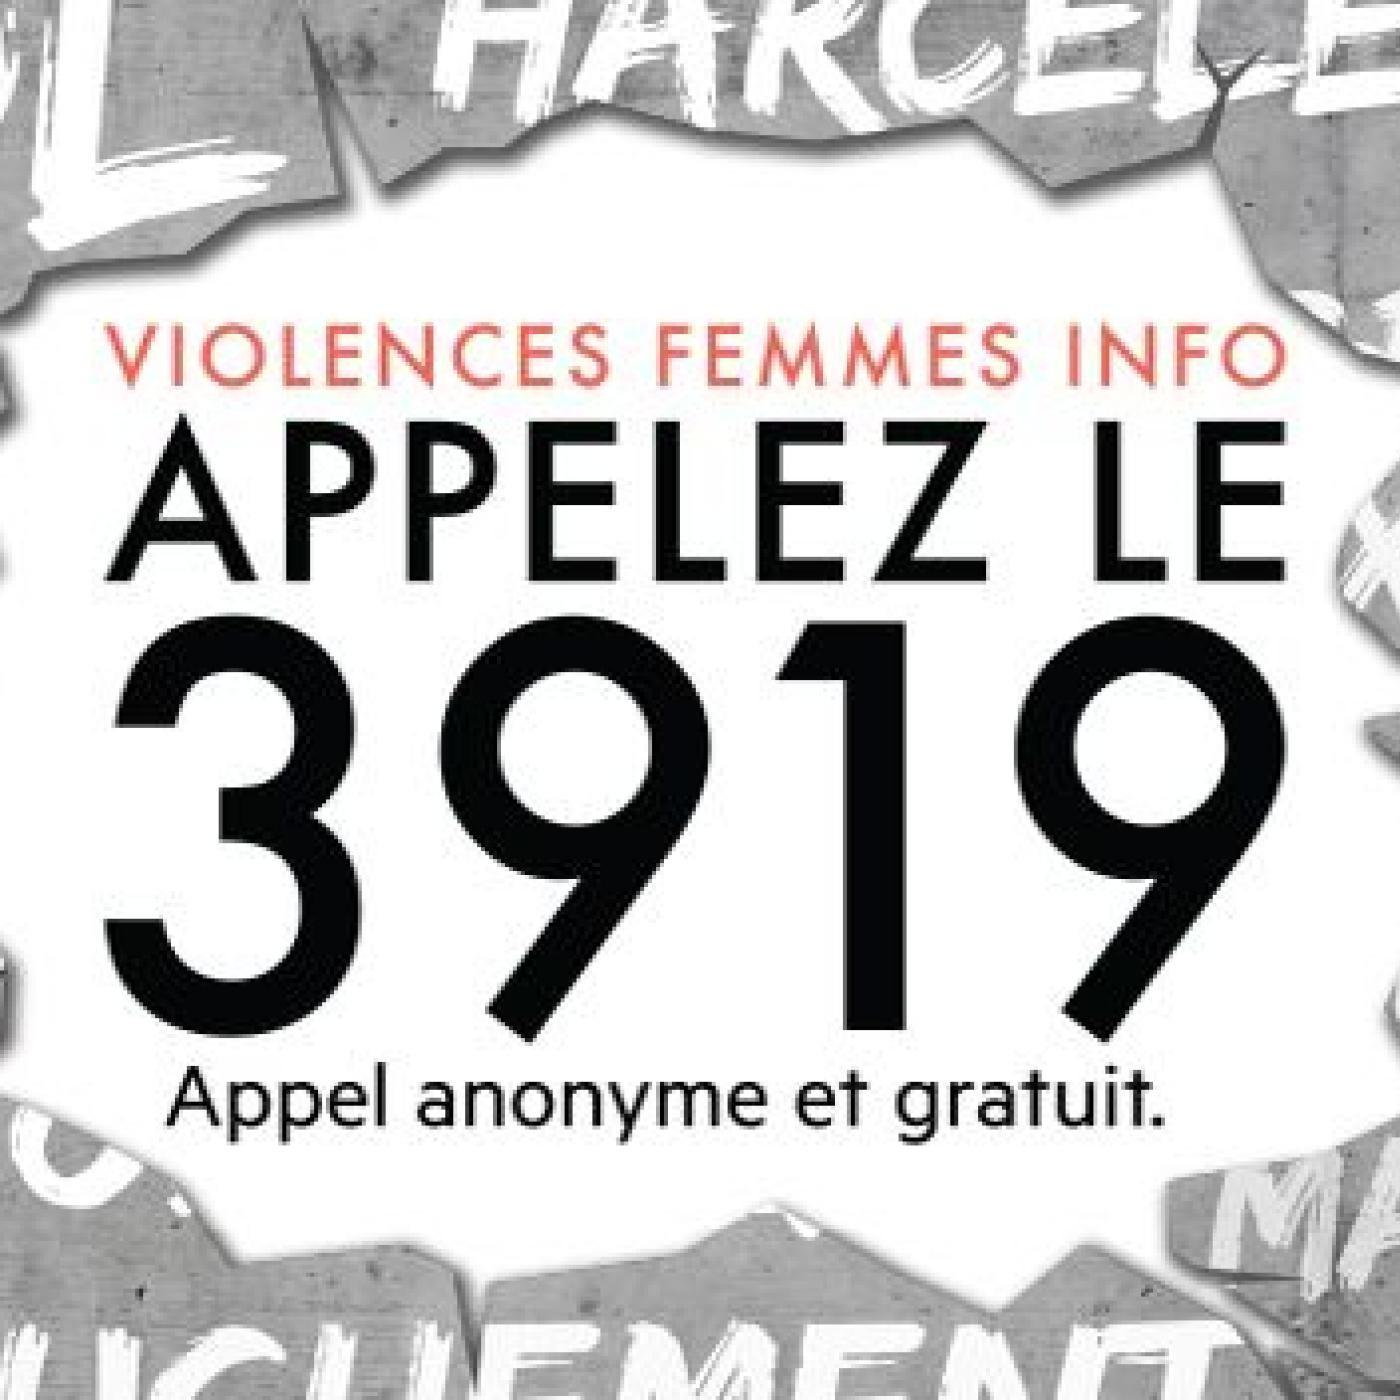 Pierre parle des violences conjugales - Un numéro Anonyme et Gratuit 39 19 - Mercredi 9 décembre 2020